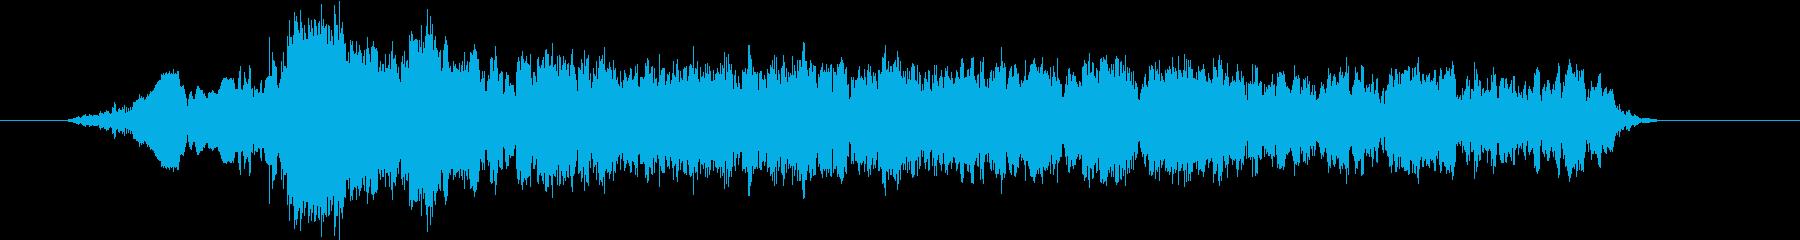 「いいいいい」デスボイス(高い声)の再生済みの波形